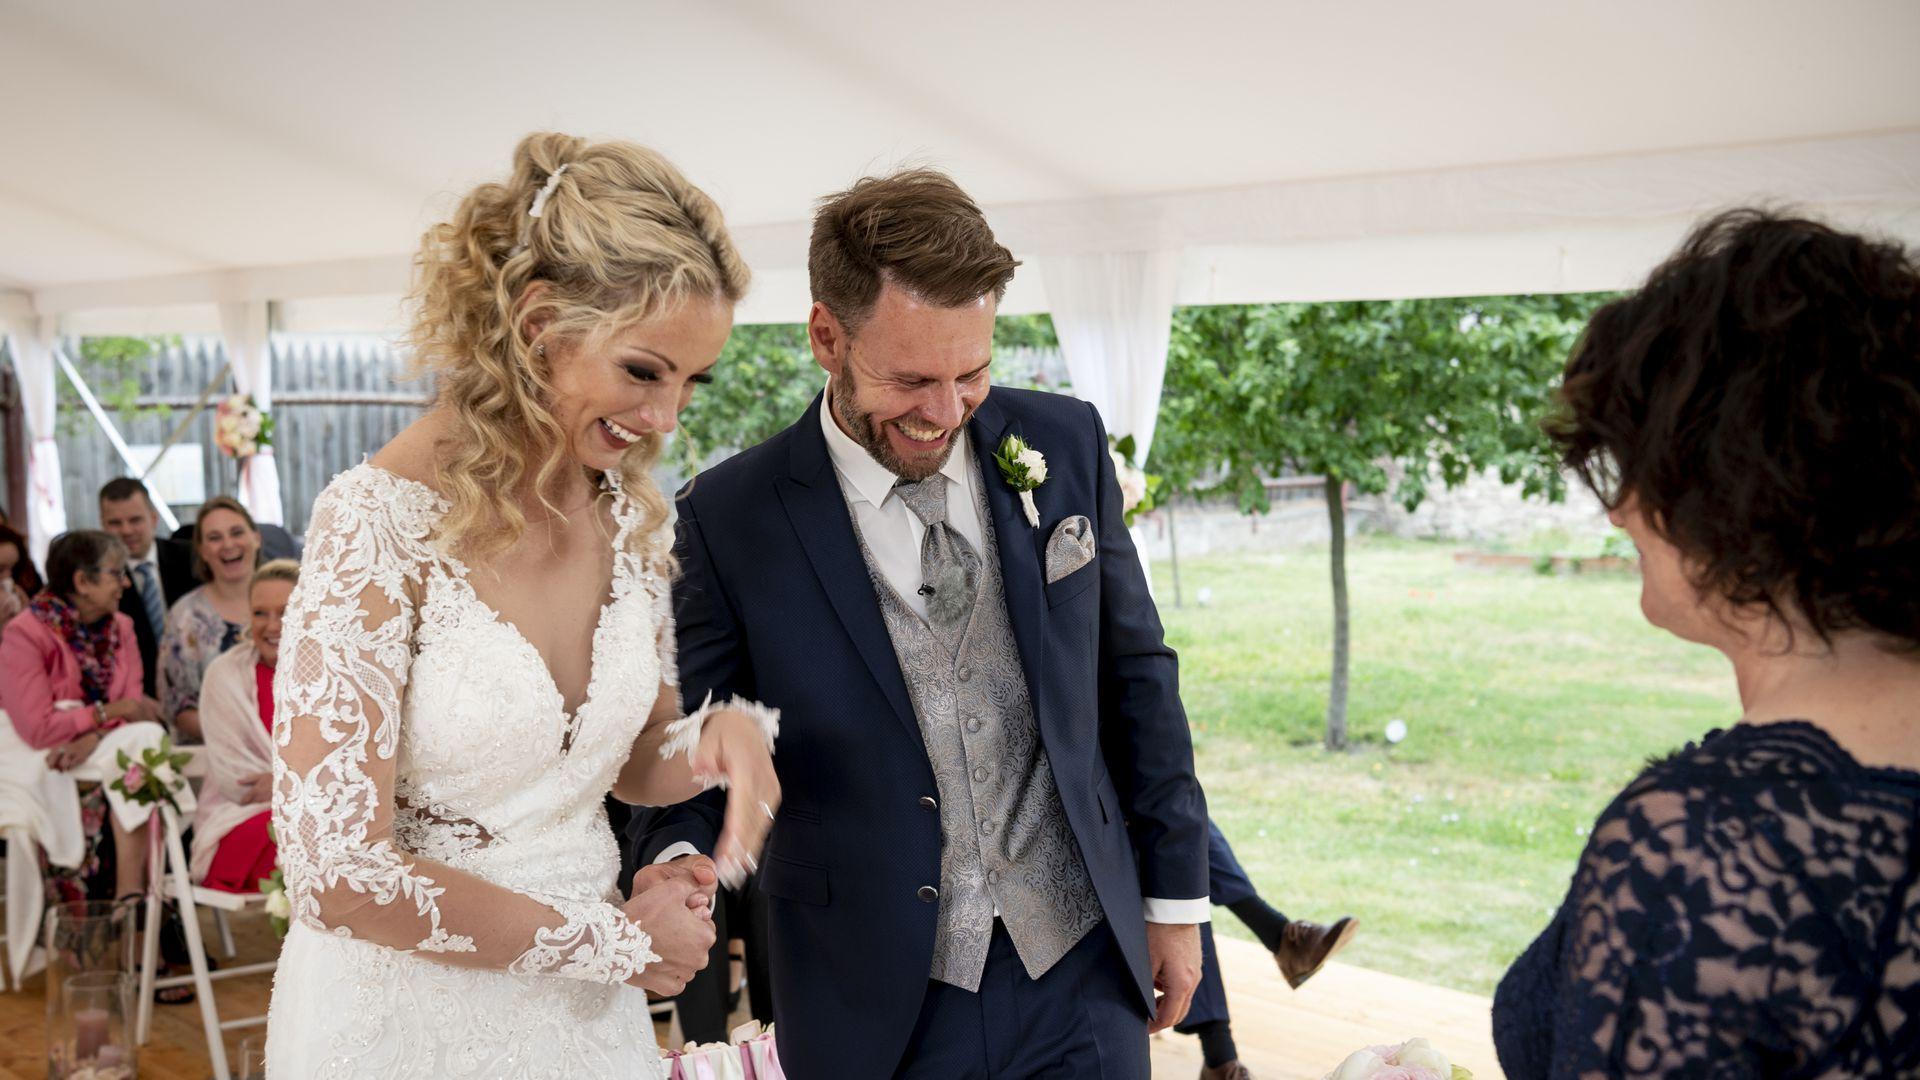 Hochzeit Auf Den Ersten Blick Cindy Feiert 1 Hochzeitstag Promiflash De